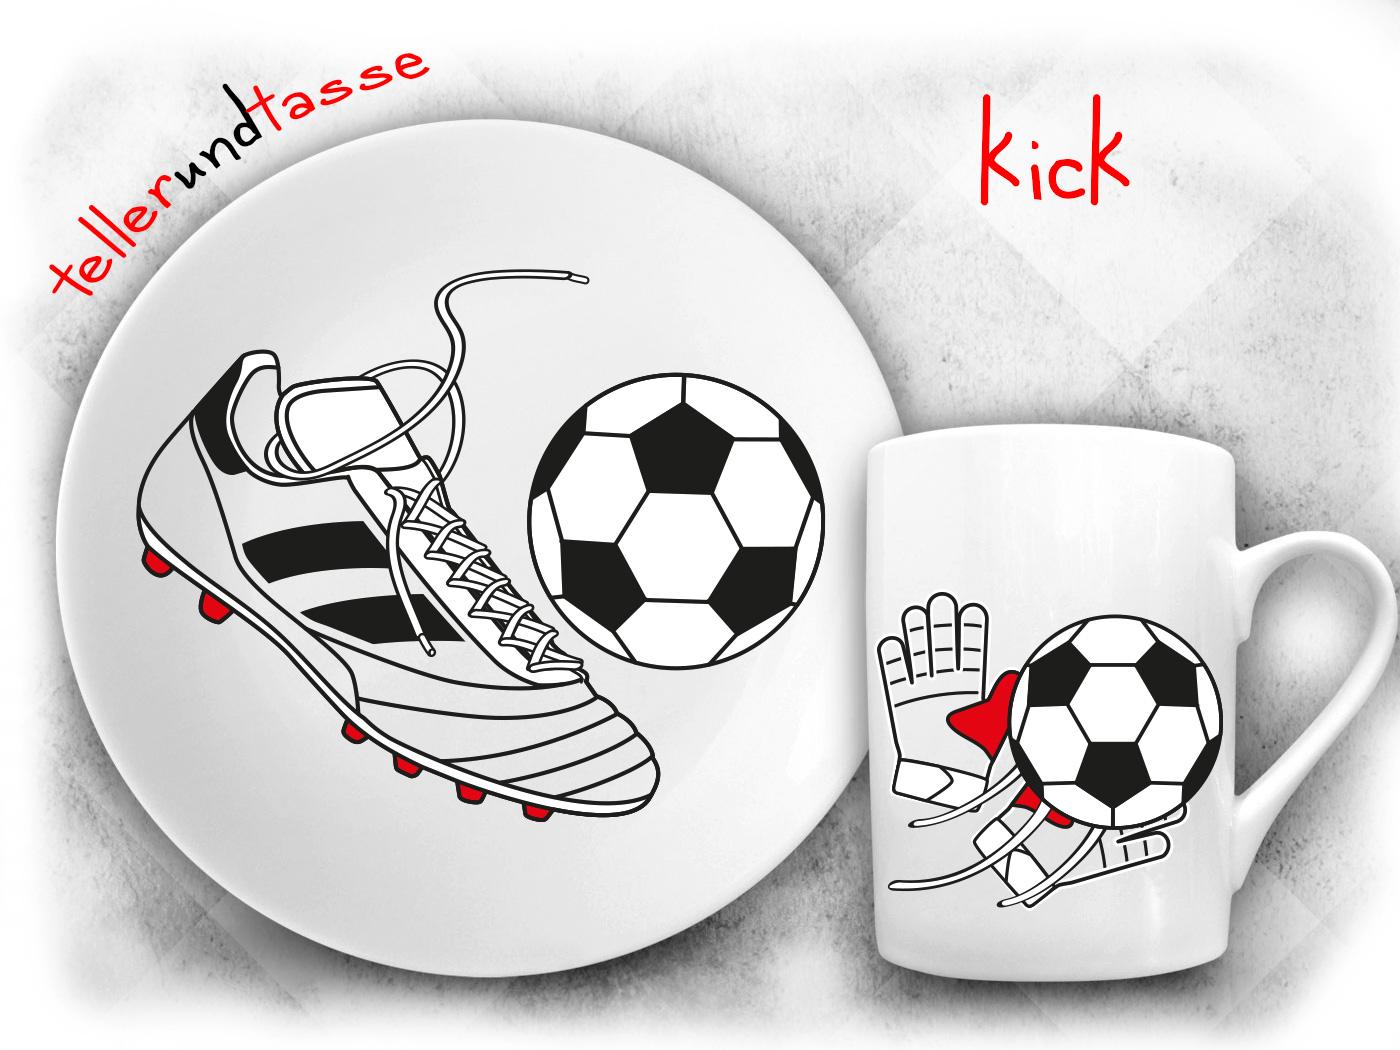 Kick - Das Set für FußballerInnen